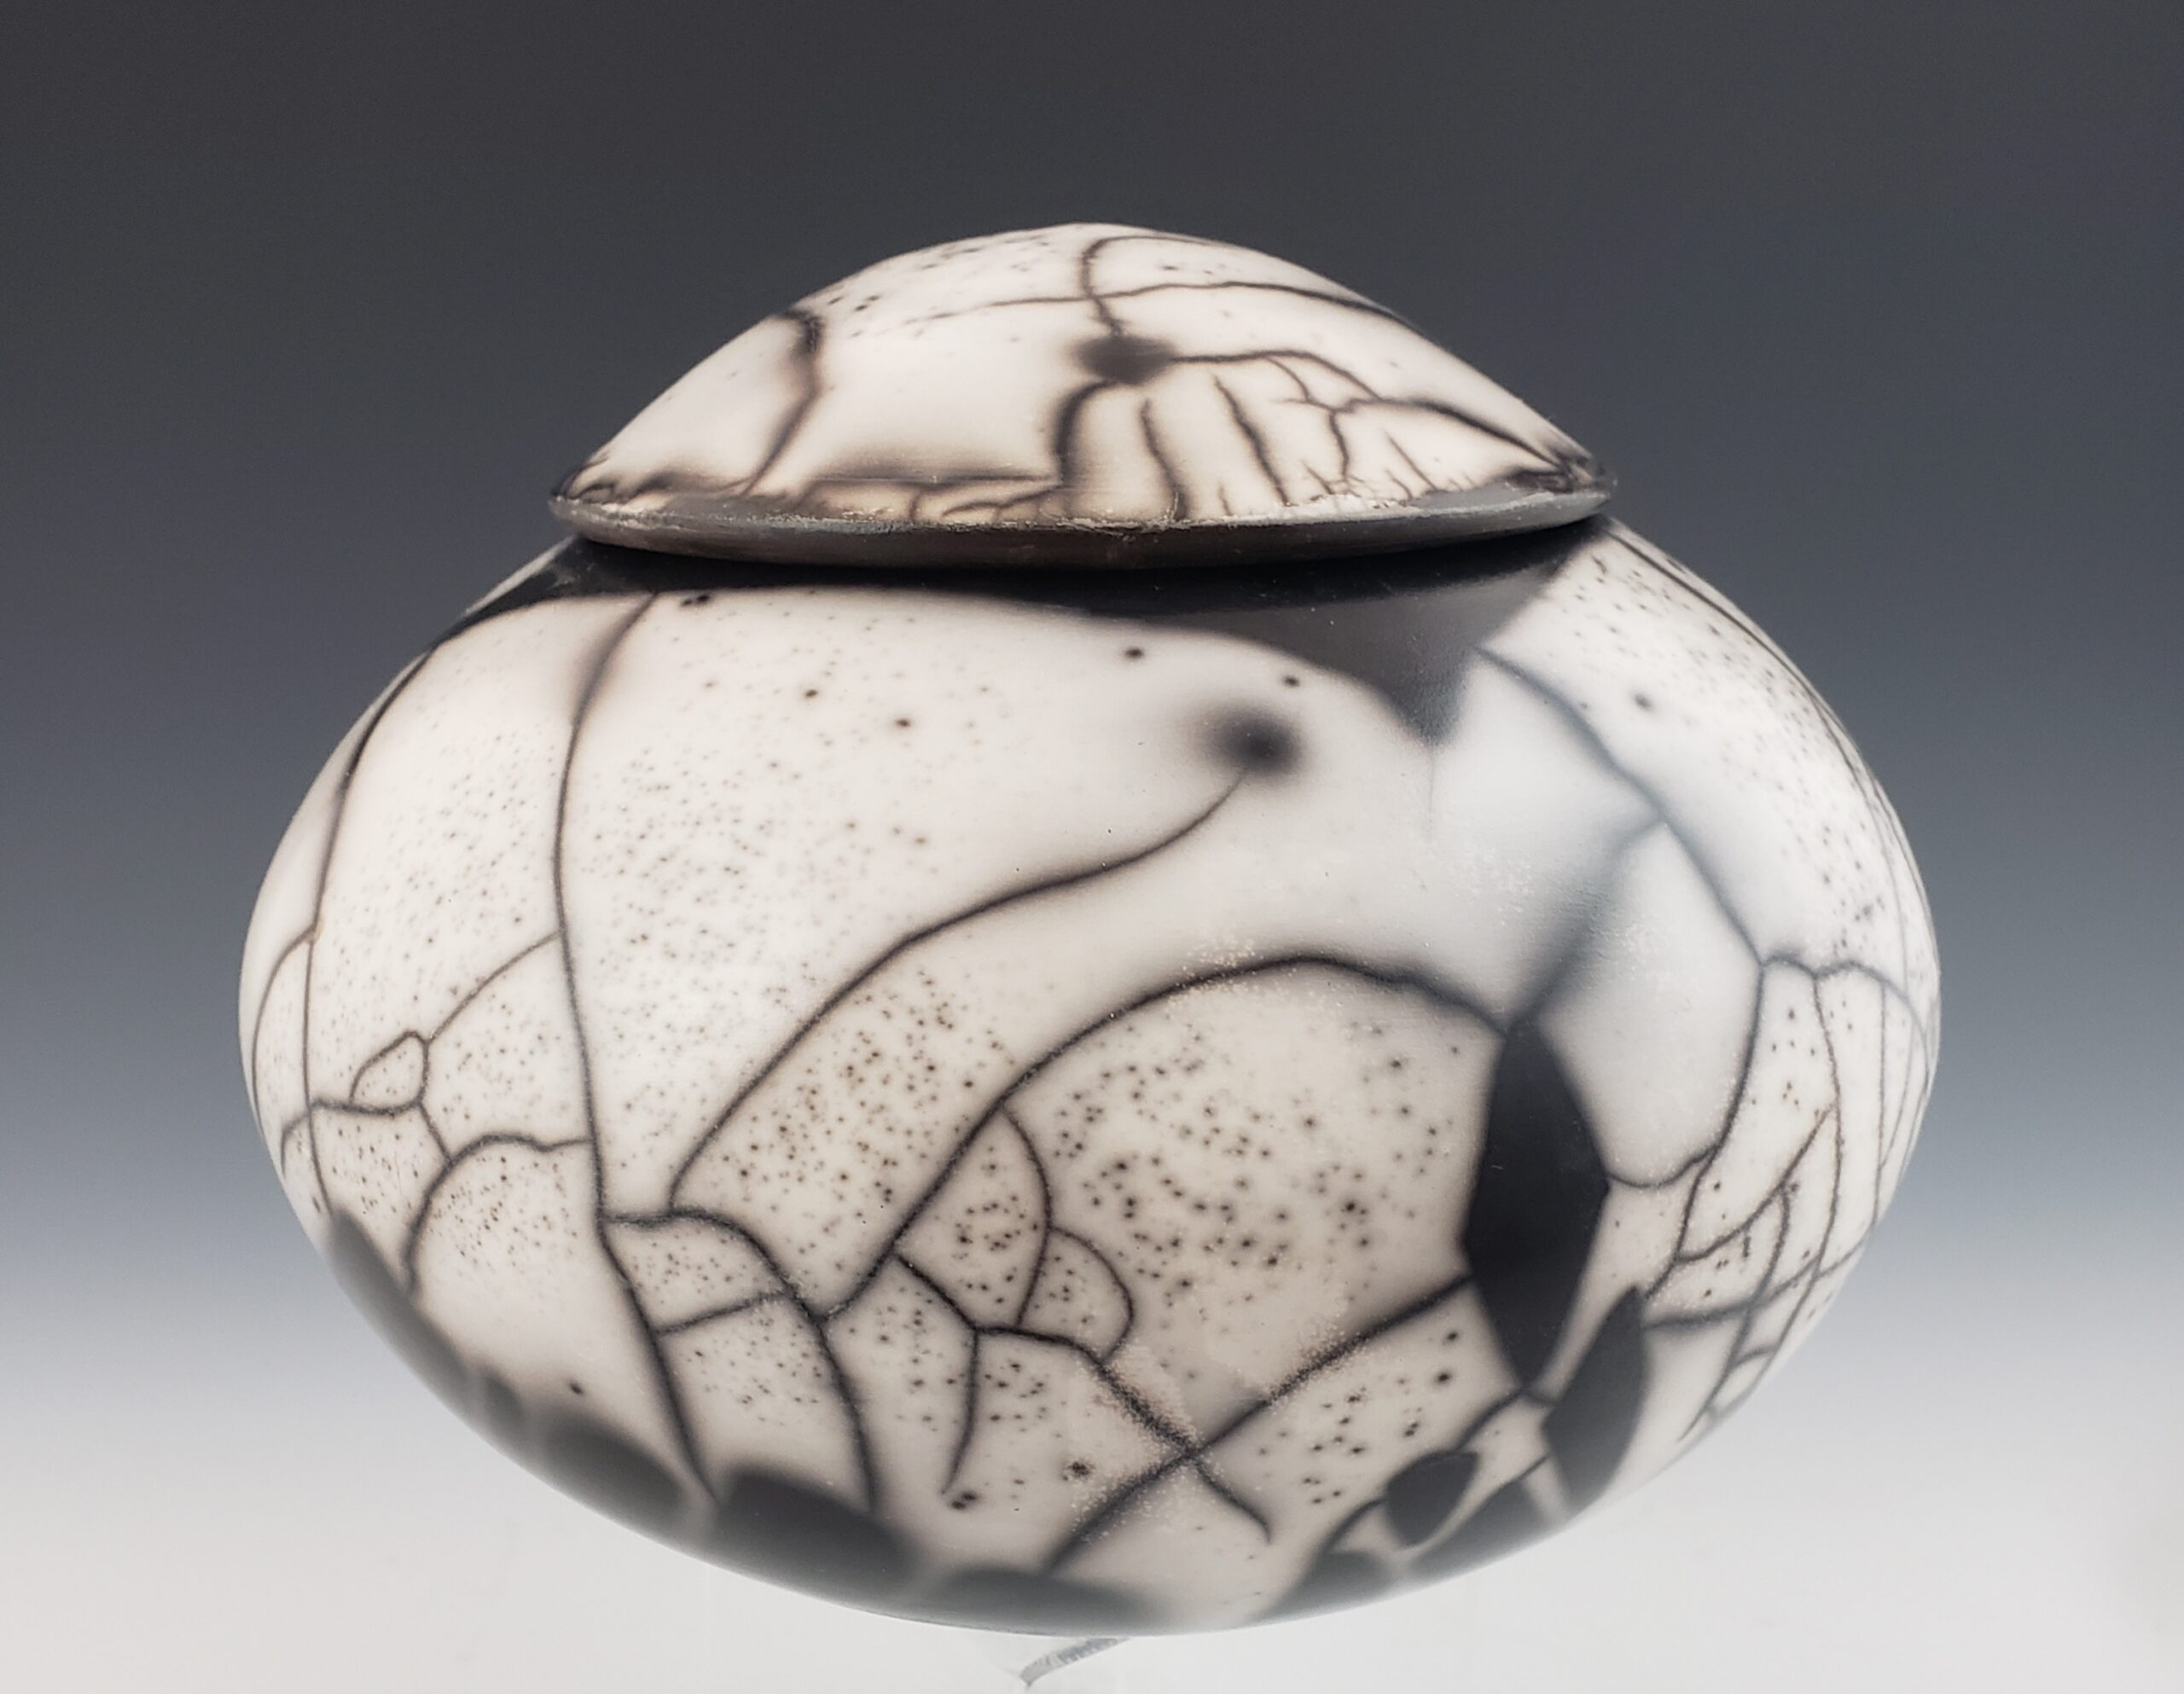 LHO-NakedRaku-Pottery2